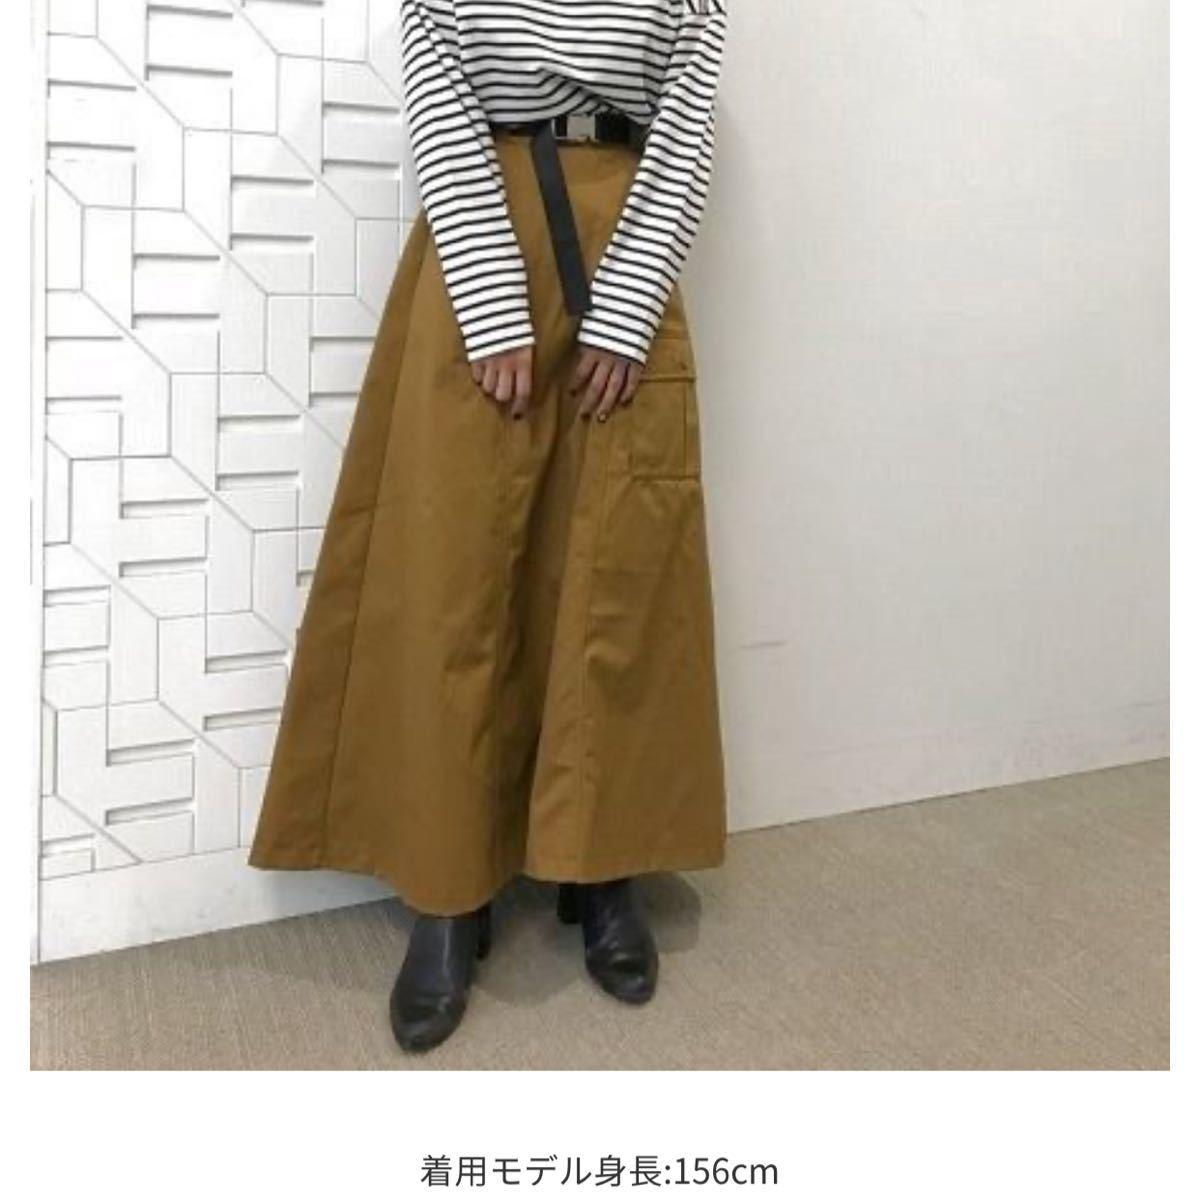 ☆ページボーイ☆ロングスカート☆